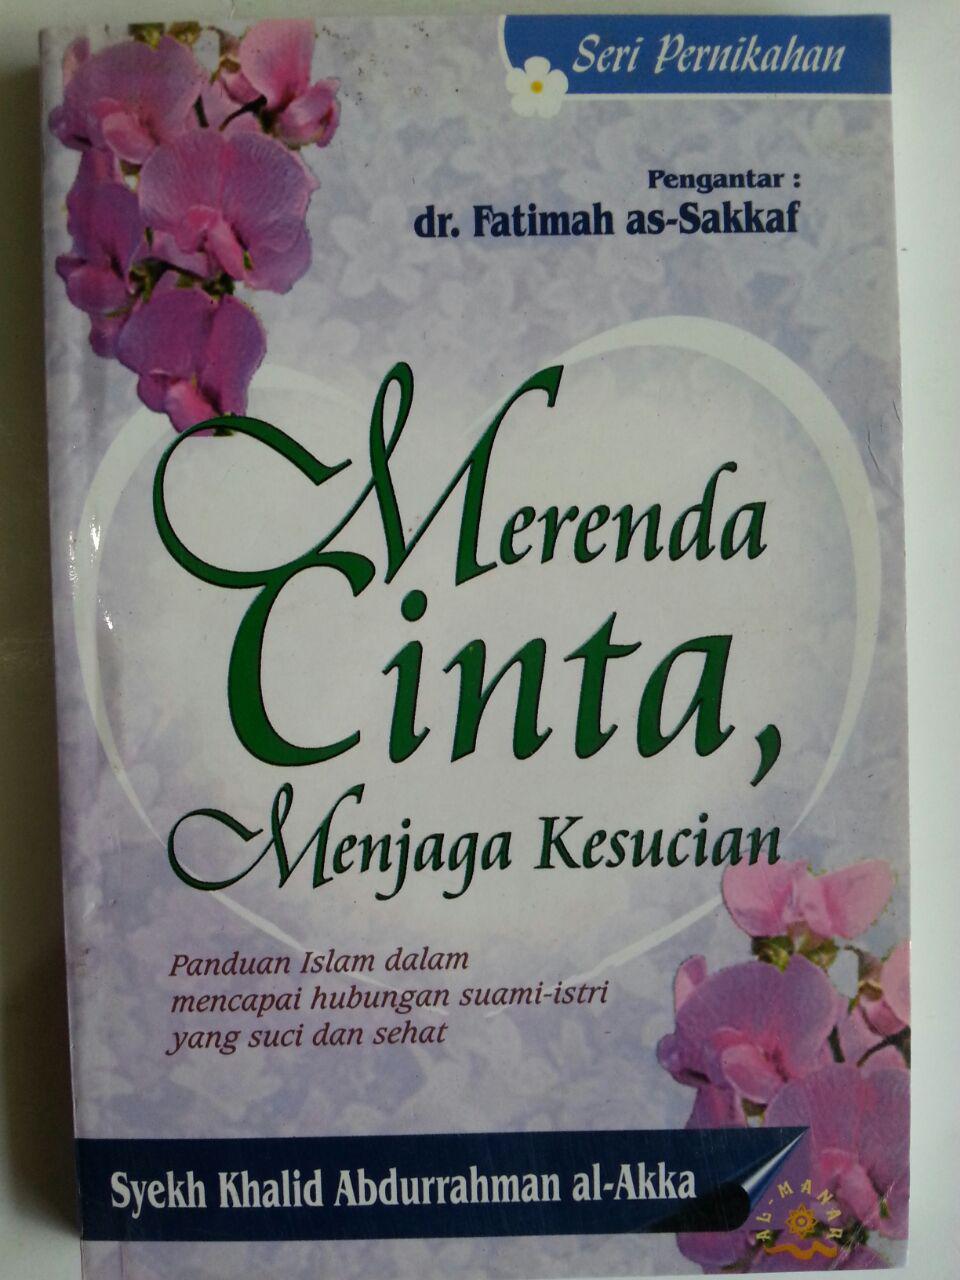 Buku Merenda Cinta Menjaga Kesucian Panduan Suami Istri cover 2